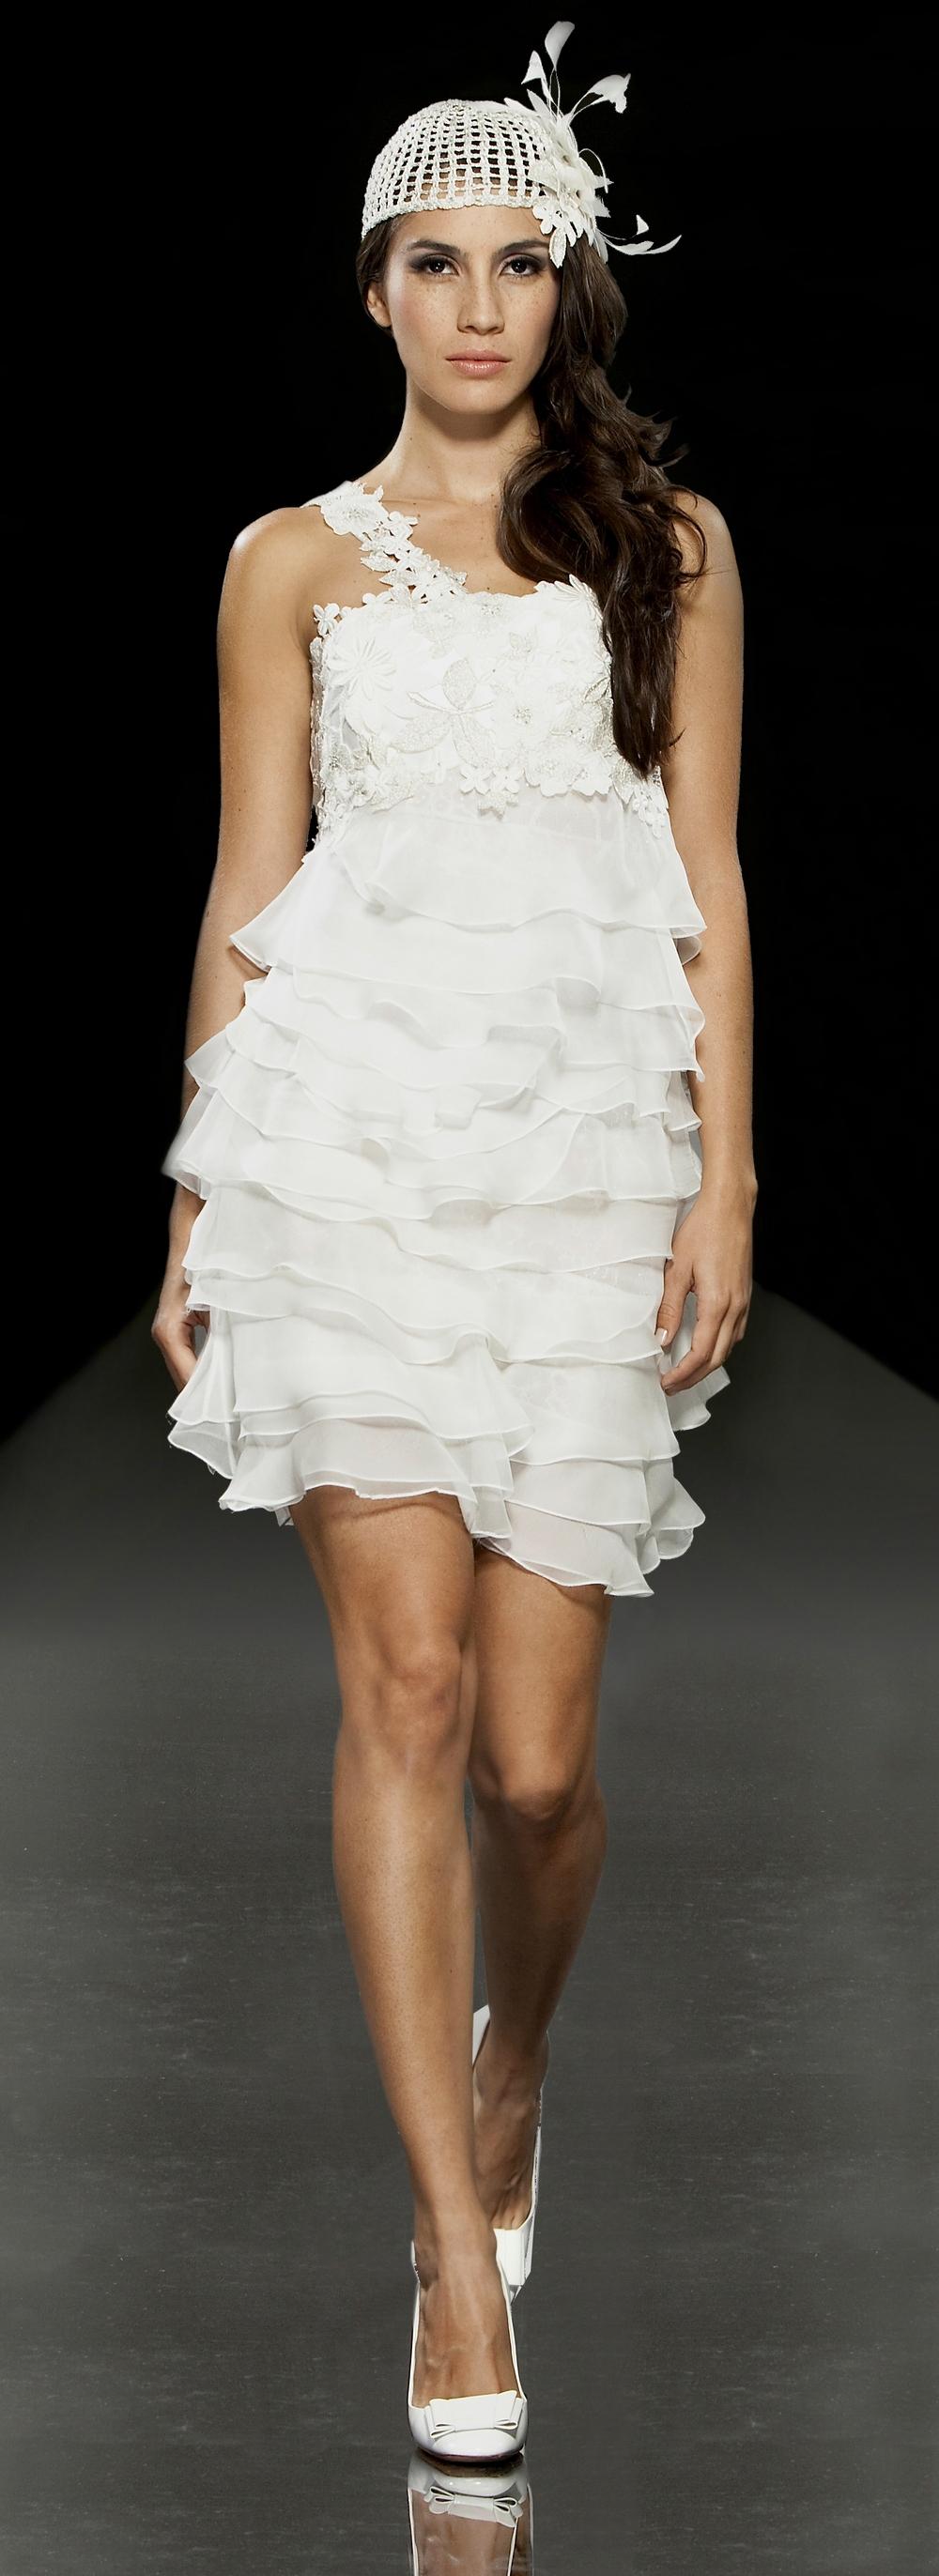 Francesca-miranda-2011-wedding-dress-5-little-white-dress-for-wedding-reception-one-shoulder-white-above-the-knee-ruffles.full